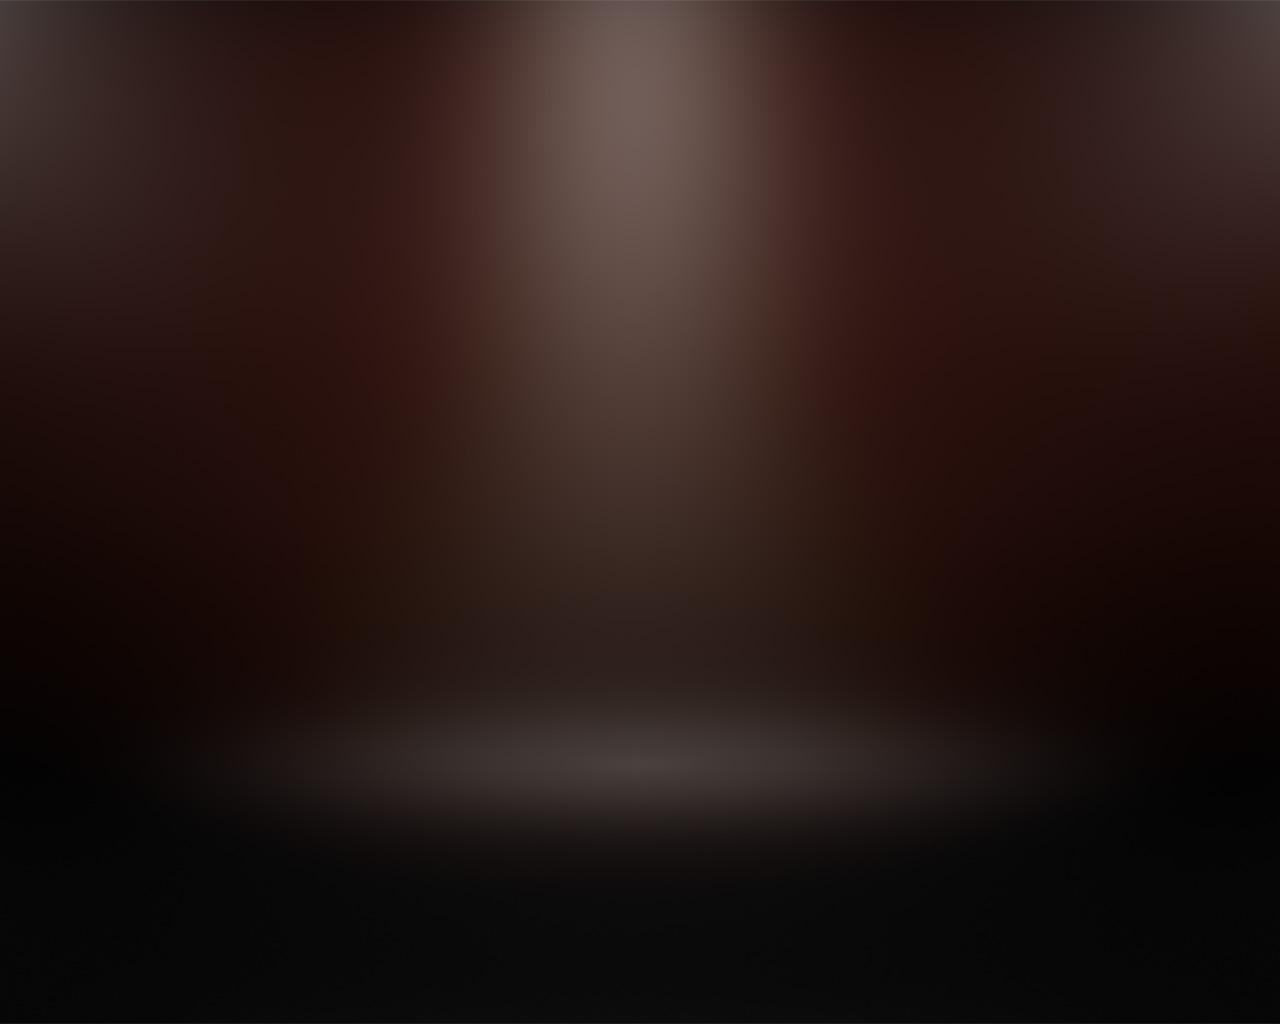 Ubuntu login wallpaper   desktop 1280x1024